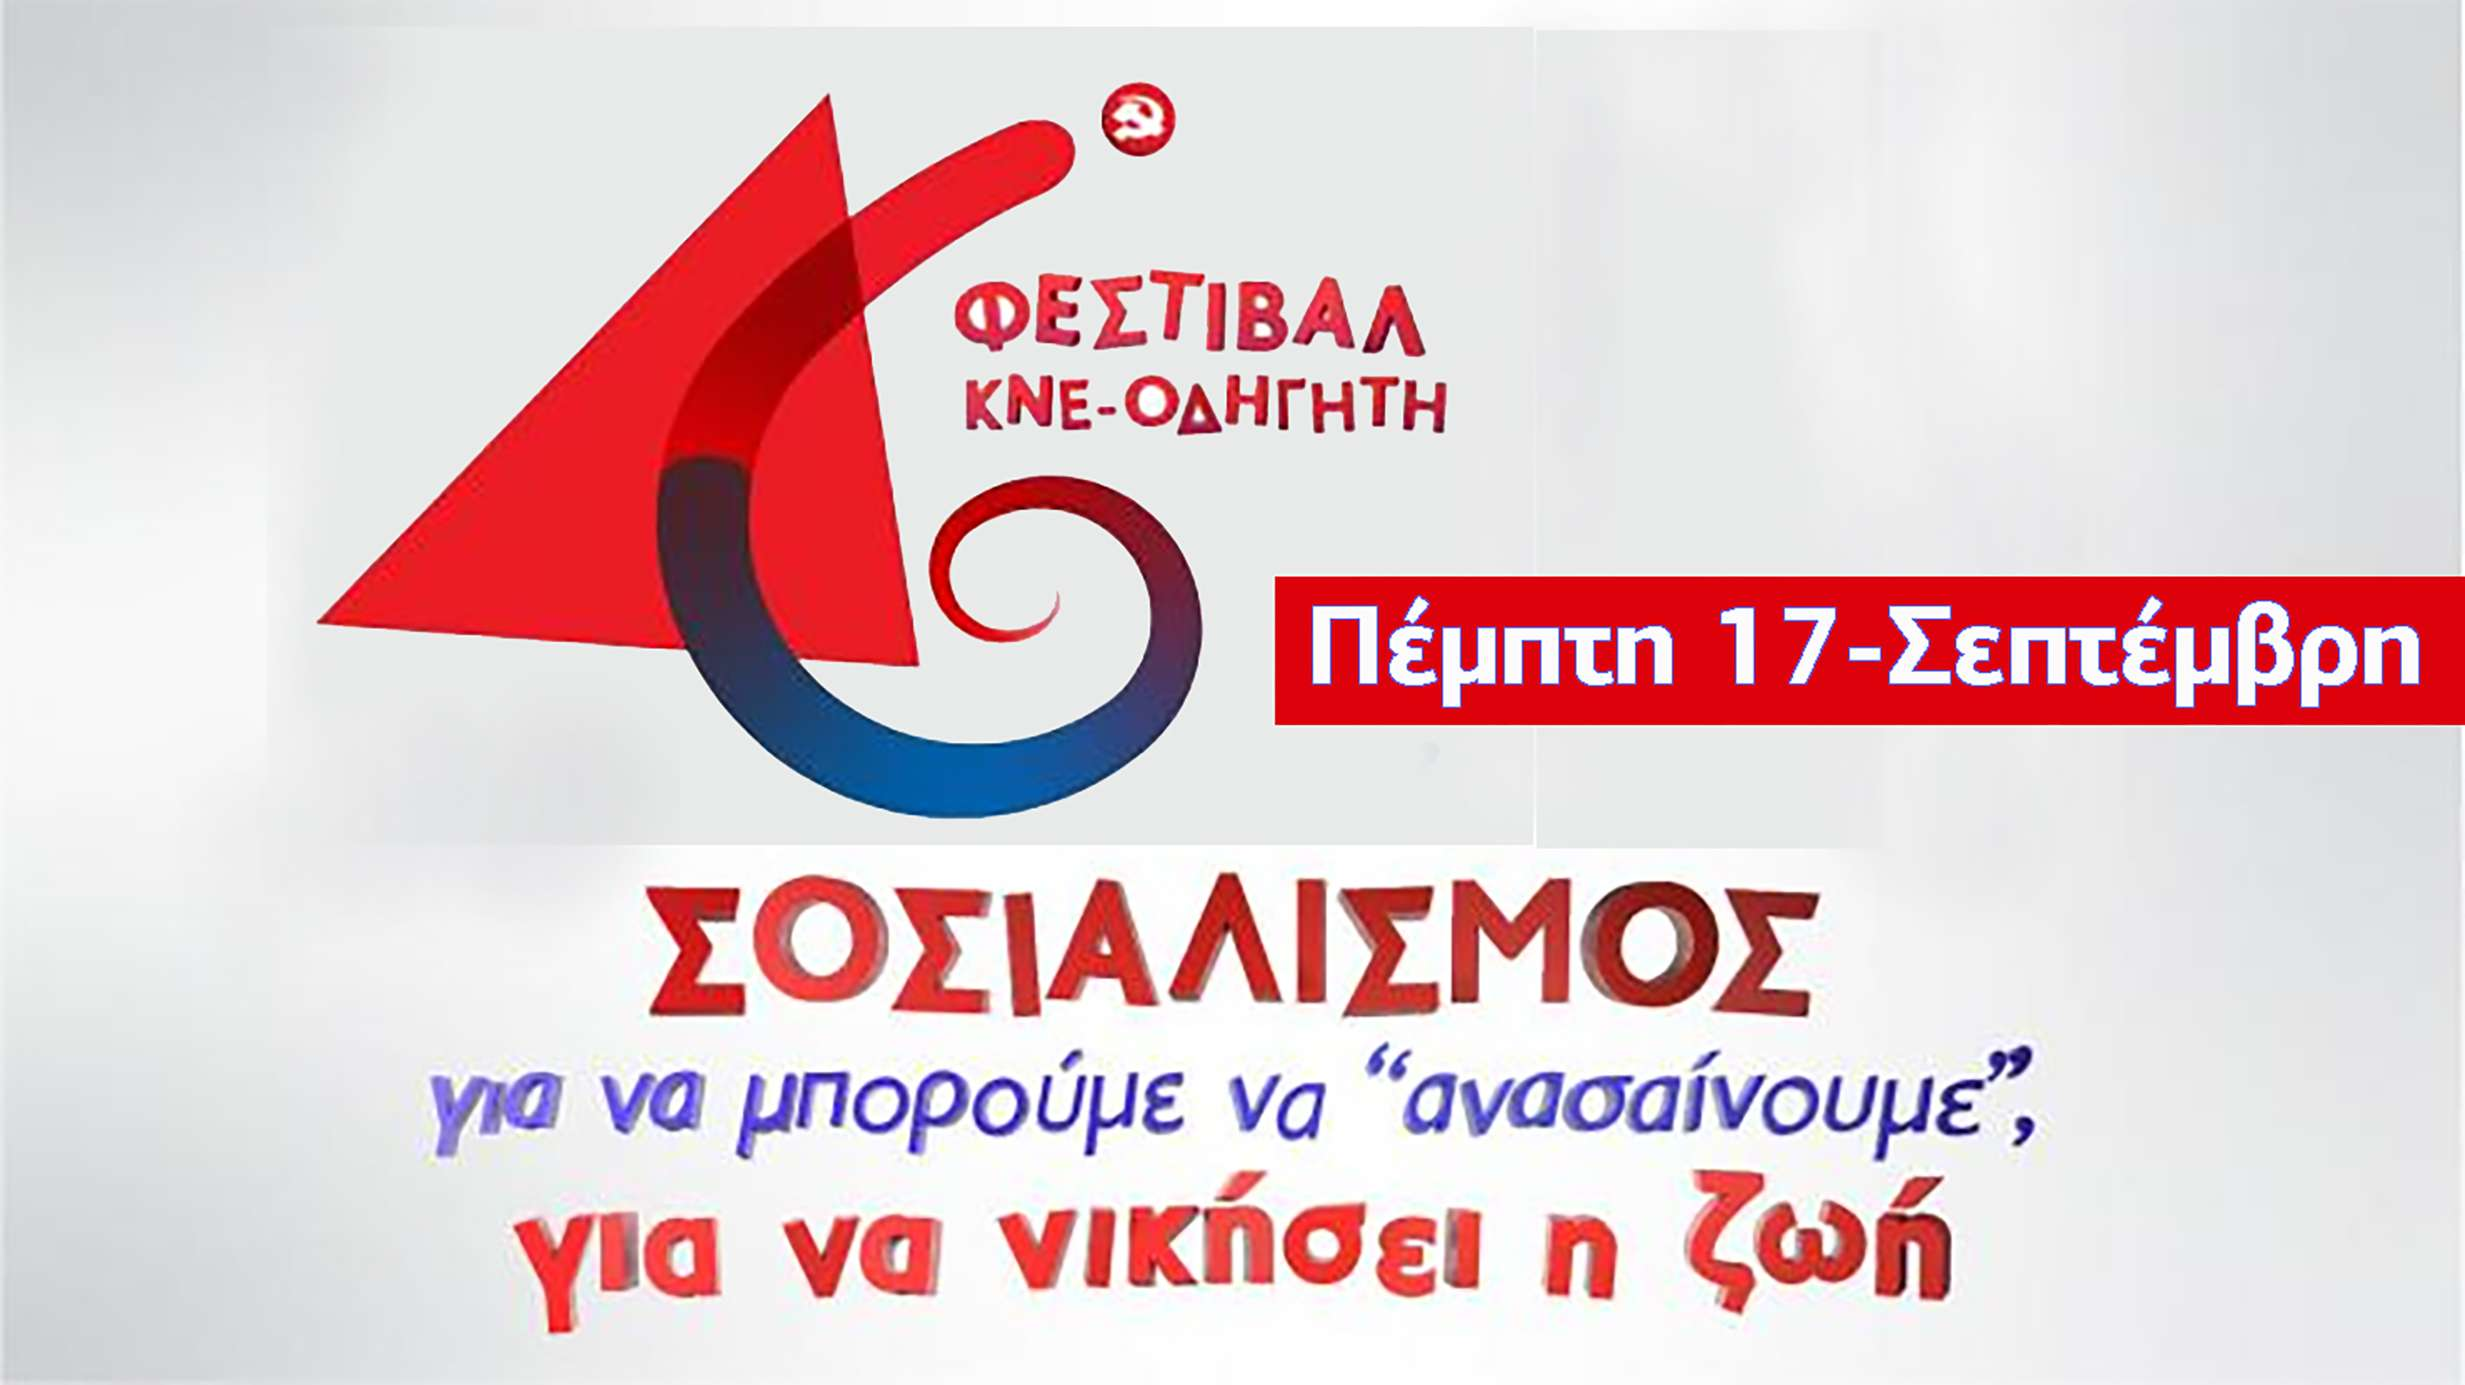 46ο Φεστιβάλ ΚΝΕ ΟΔΗΓΗΤΗ Πέμπτη 17 Σεπ 1